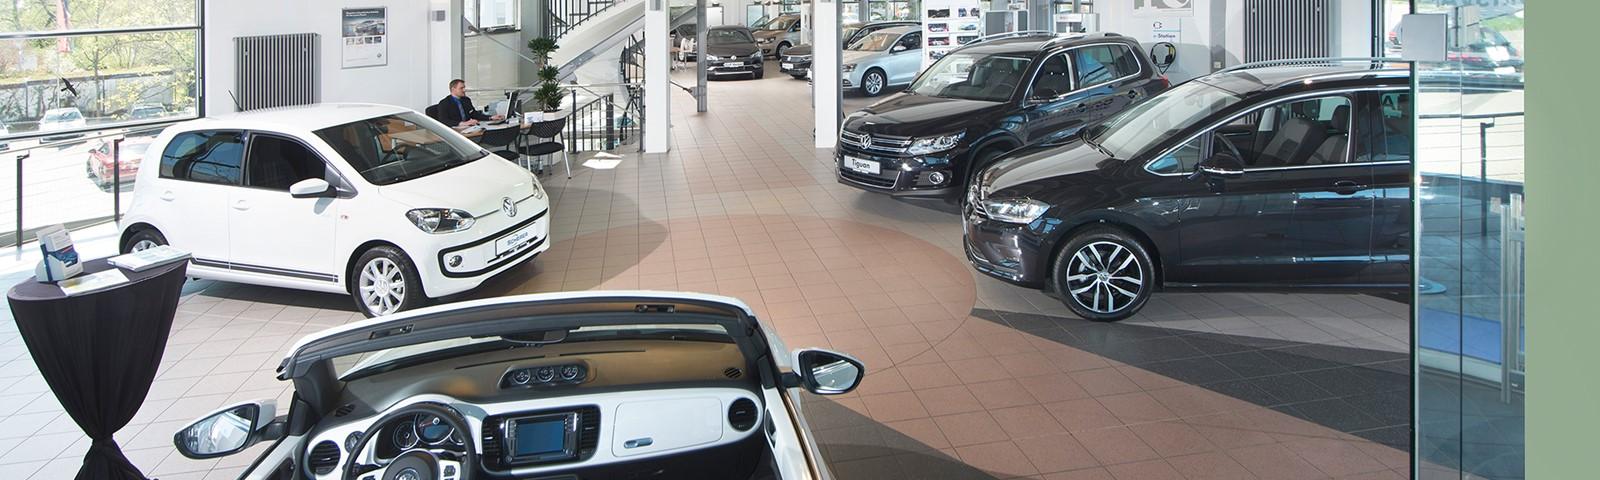 Mercedes Benz In Simmern